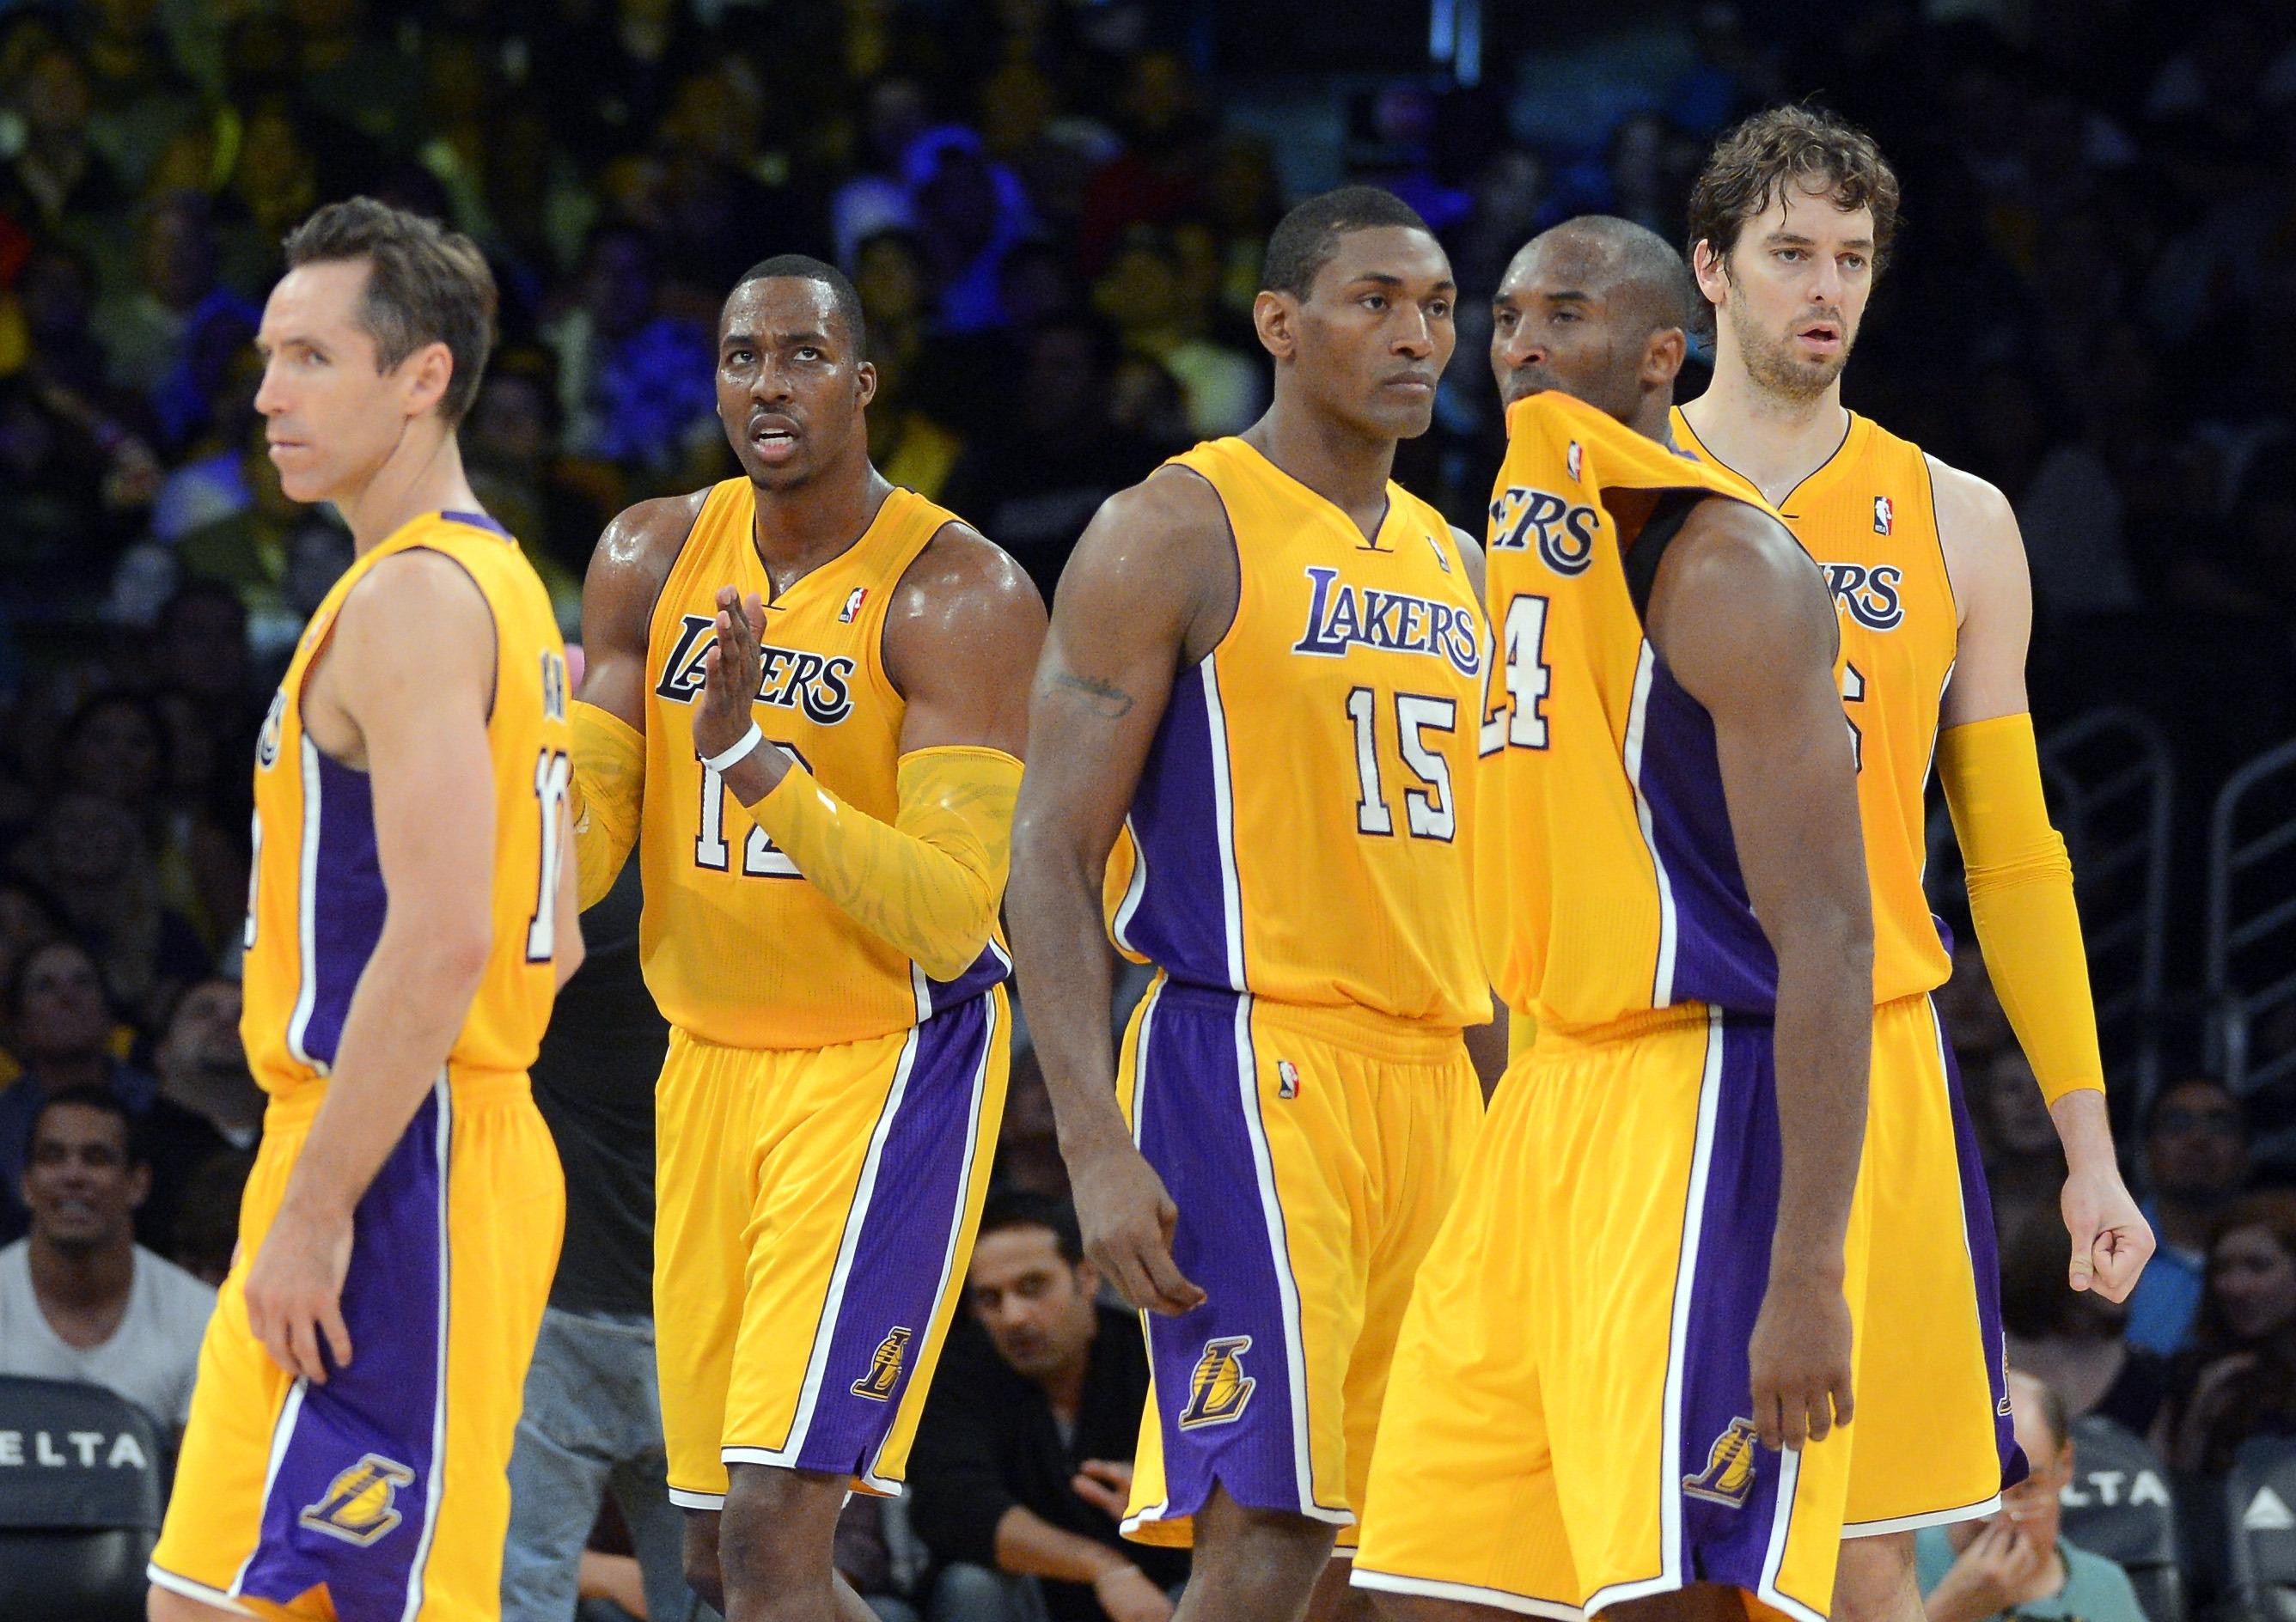 為何2013賽季湖人組成的強大F4,卻無法獲得成功?飄髪哥道出真因-Haters-黑特籃球NBA新聞影音圖片分享社區